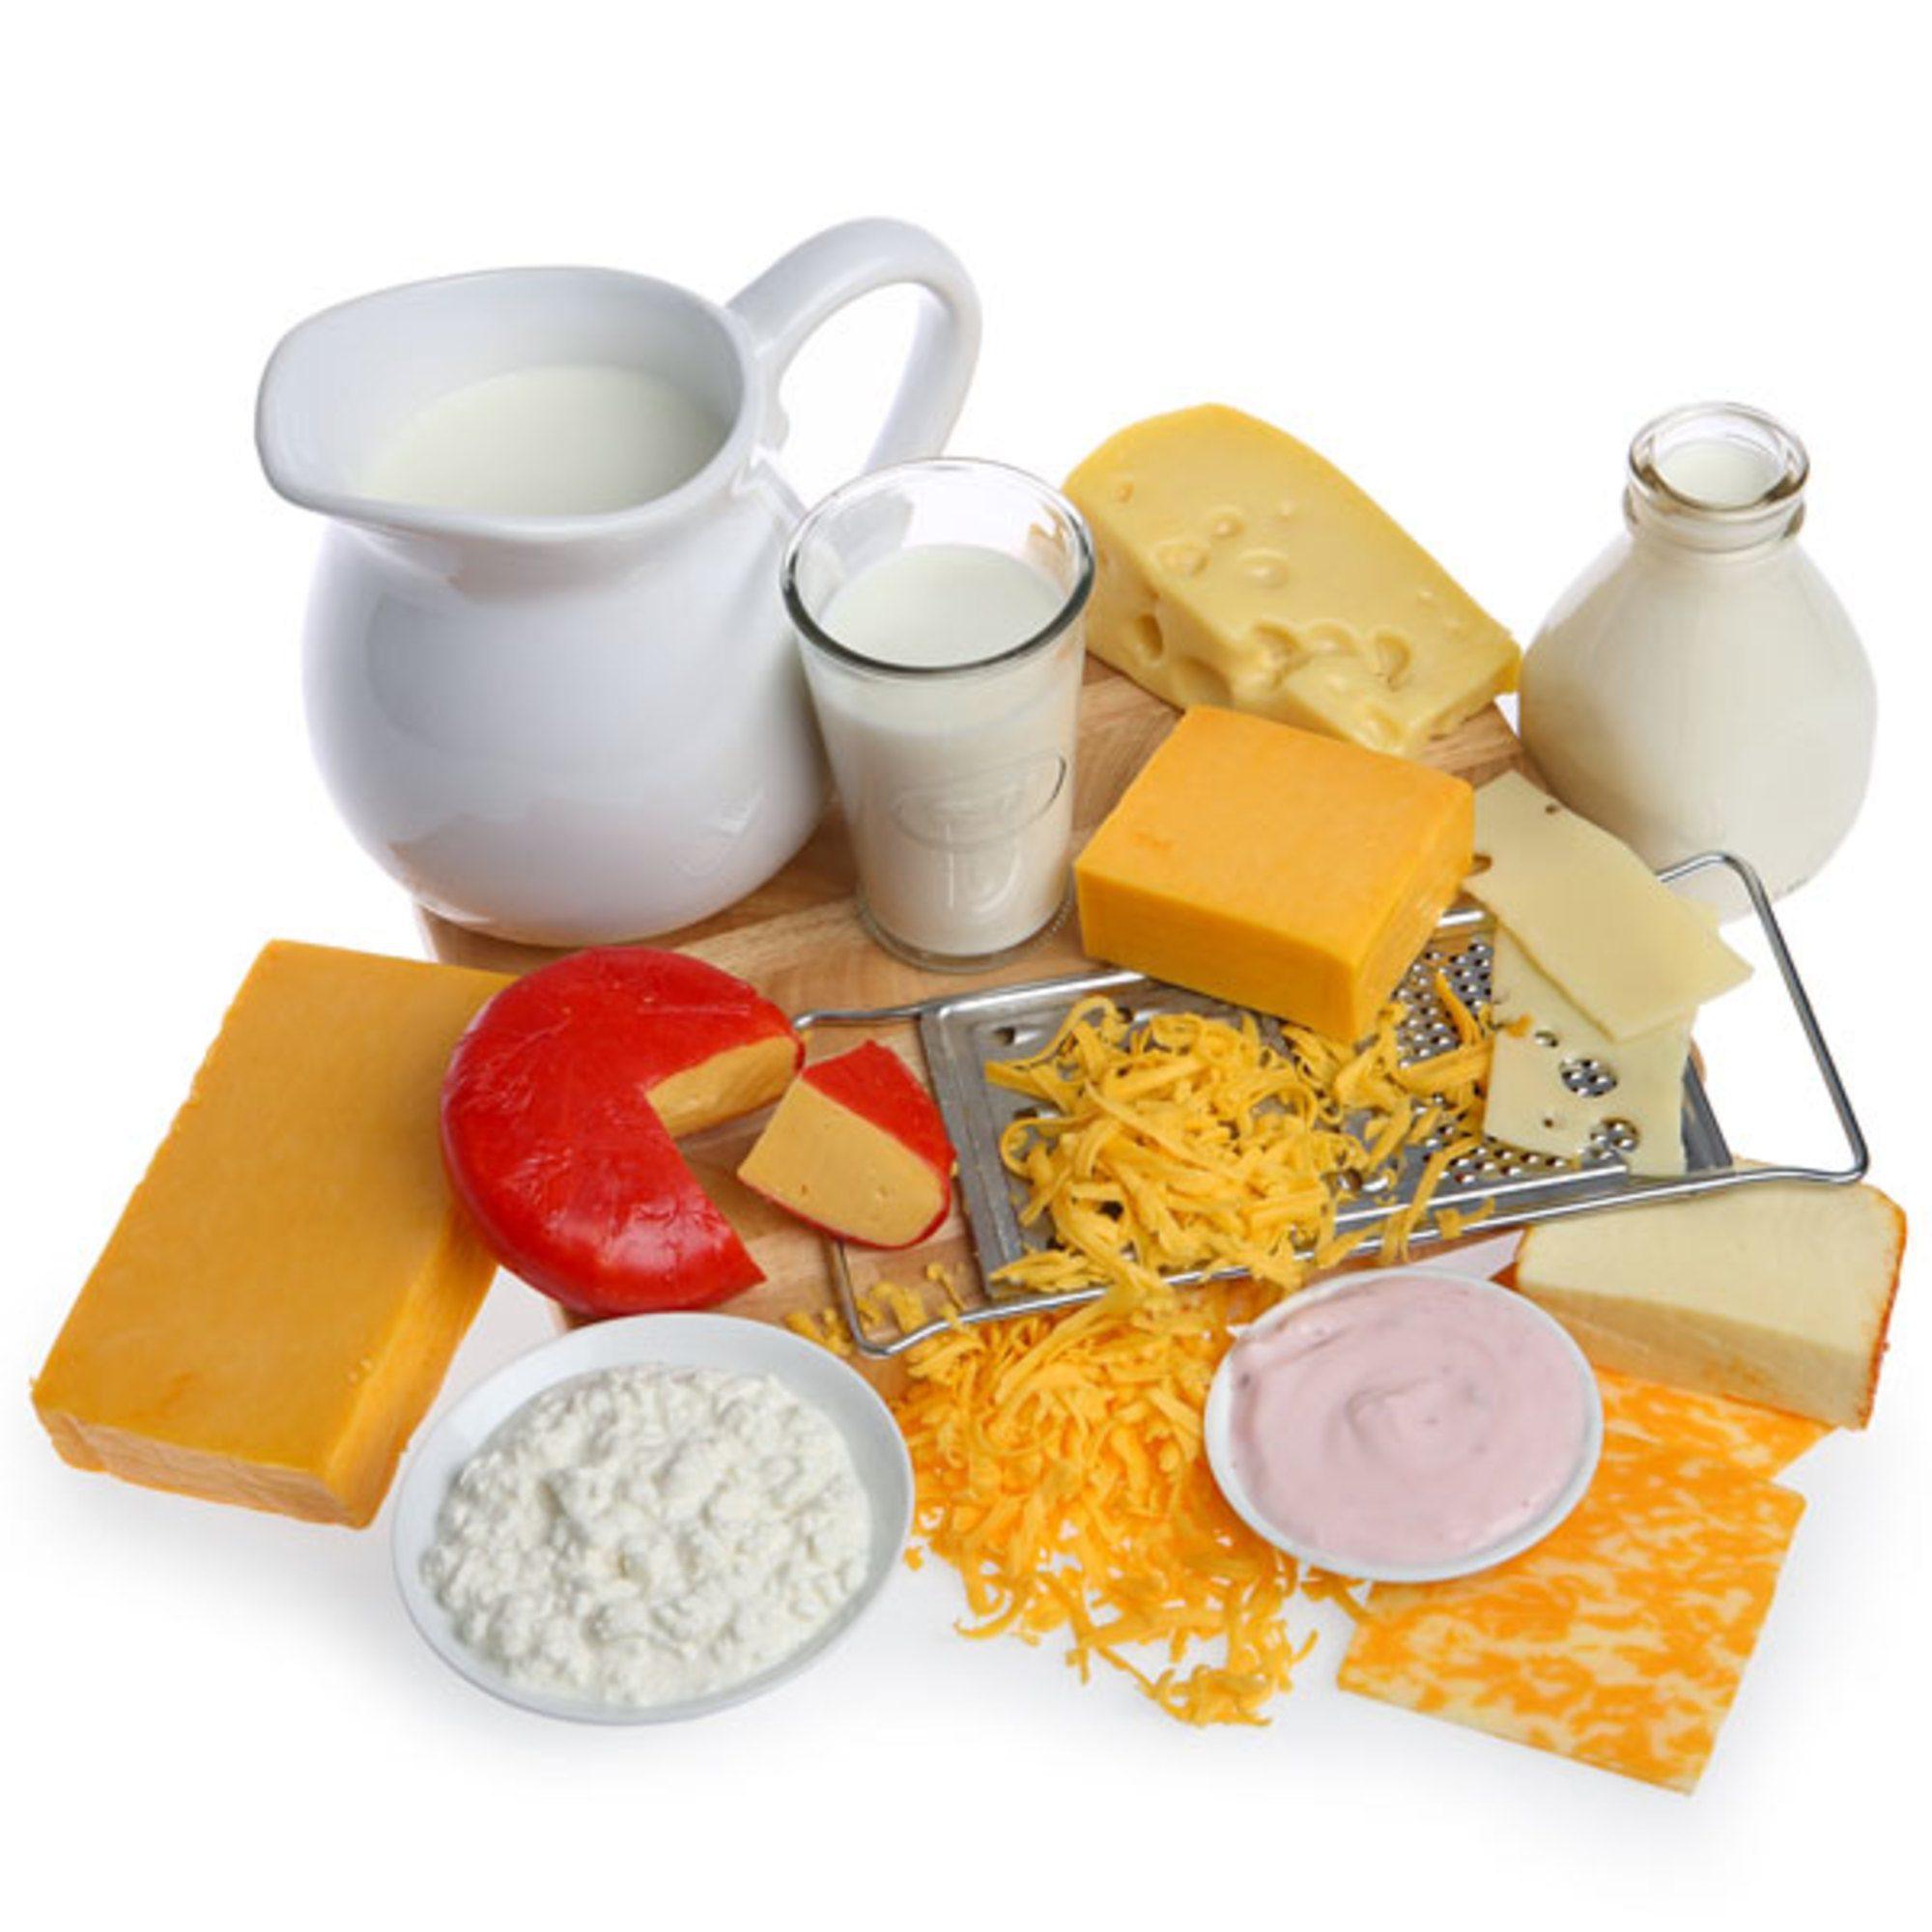 Az ájurvédikus konyha rejtelmei 4. Olajos magvak és tejtermékek. Olajban sütés és tartósítási eljárások